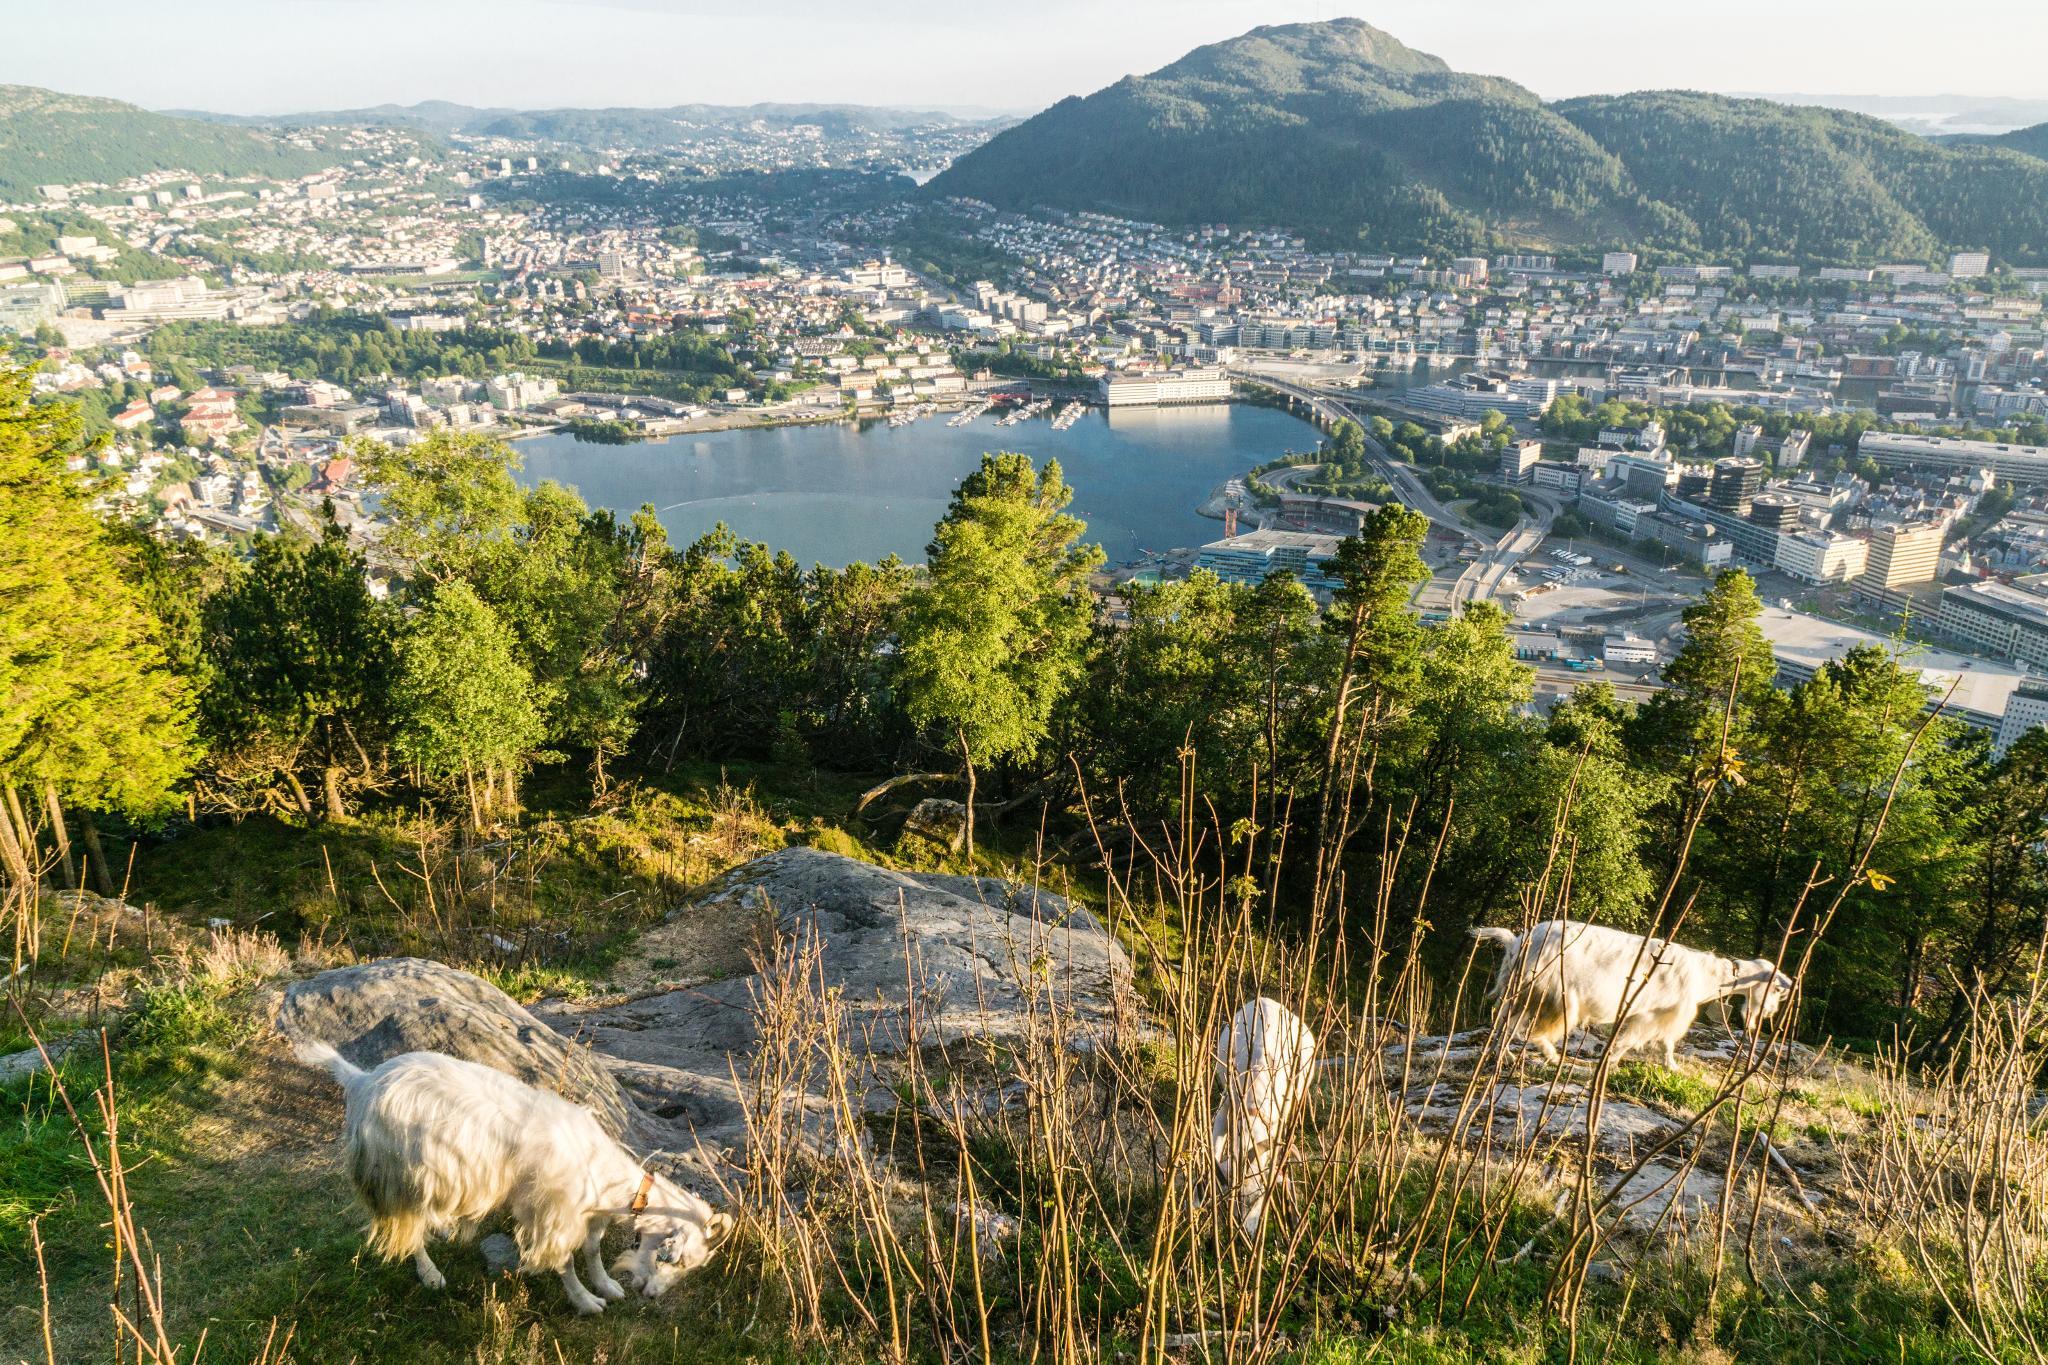 【卑爾根】Fløyen 佛洛伊恩山纜車與觀景台 — 擁抱文化港都的百萬美景 92